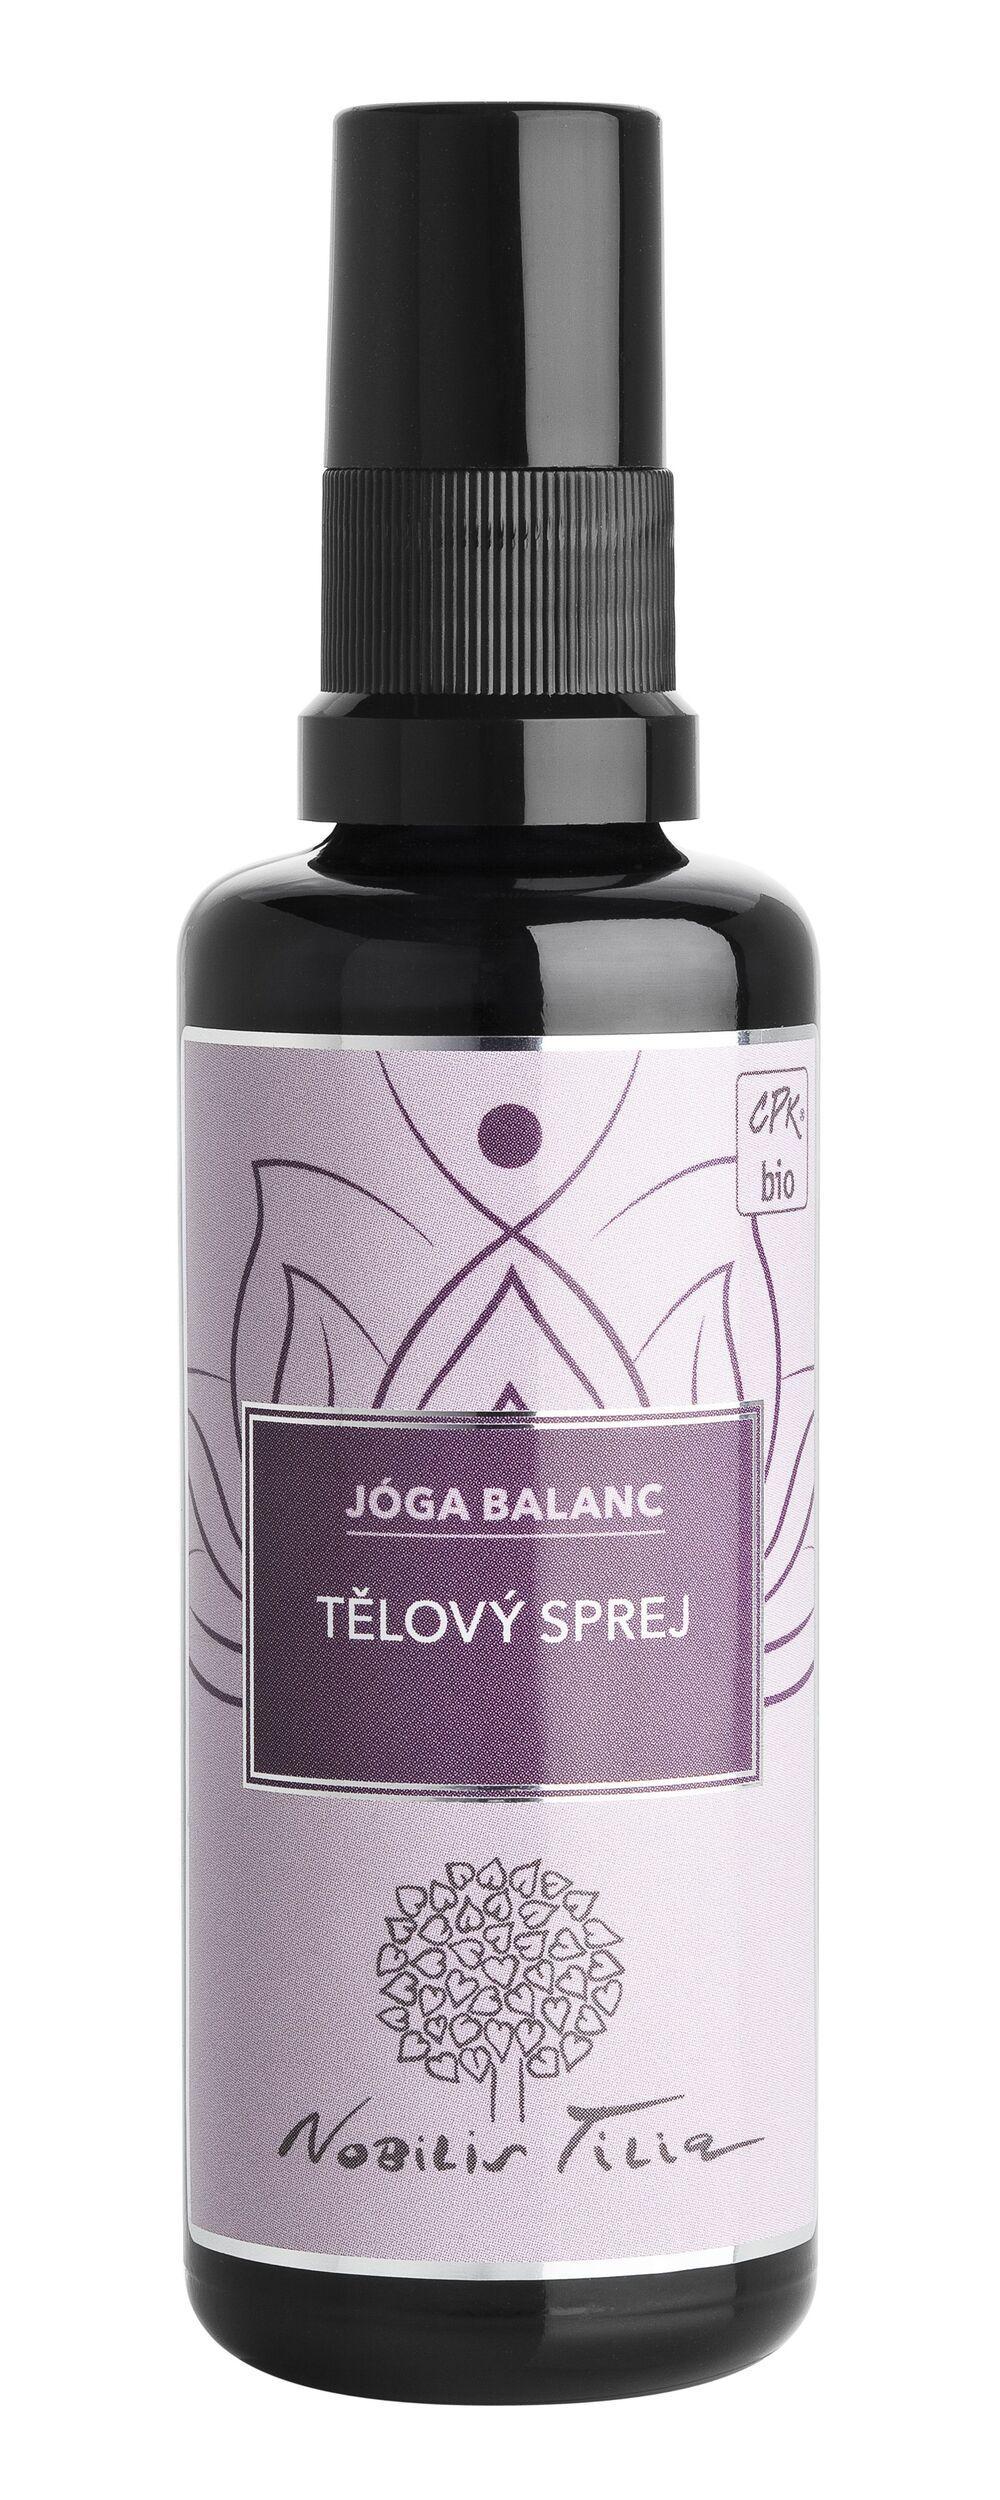 Tělový sprej Jóga balanc: 50 ml